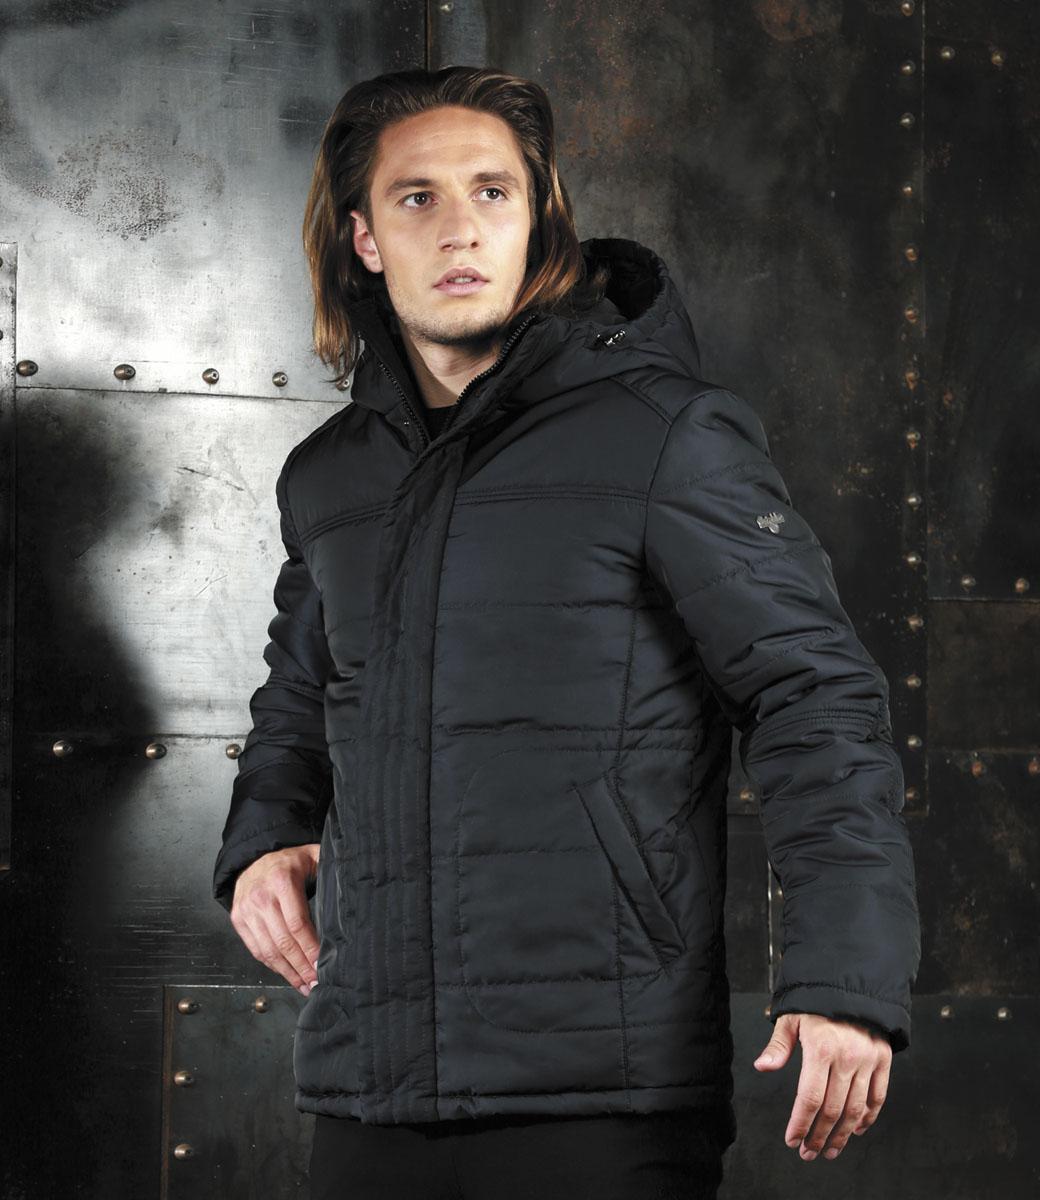 КурткаAL-2977Мужская куртка Grishko, выполненная из полиэстера, придаст образу безупречный стиль. Подкладка изготовлена из гладкого и приятного на ощупь материала. В качестве утеплителя используется холлофайбер, который отлично сохраняет тепло. Куртка прямого кроя с ассиметричной линией низа и несъемным капюшоном застегивается на застежку-молнию и ветрозащитную планку на кнопках. С внутренней стороны также расположена ветрозащитная планка. Край капюшона дополнен шнурком-кулиской. Рукава дополнены внутренними трикотажными манжетами. Спереди расположено два прорезных кармана на кнопках, с внутренней стороны - накладной карман с клапаном на кнопке и втачной карман на кнопке. Изделие оформлено фирменным логотипом. Такая практичная и теплая куртка послужит отличным дополнением к вашему гардеробу!